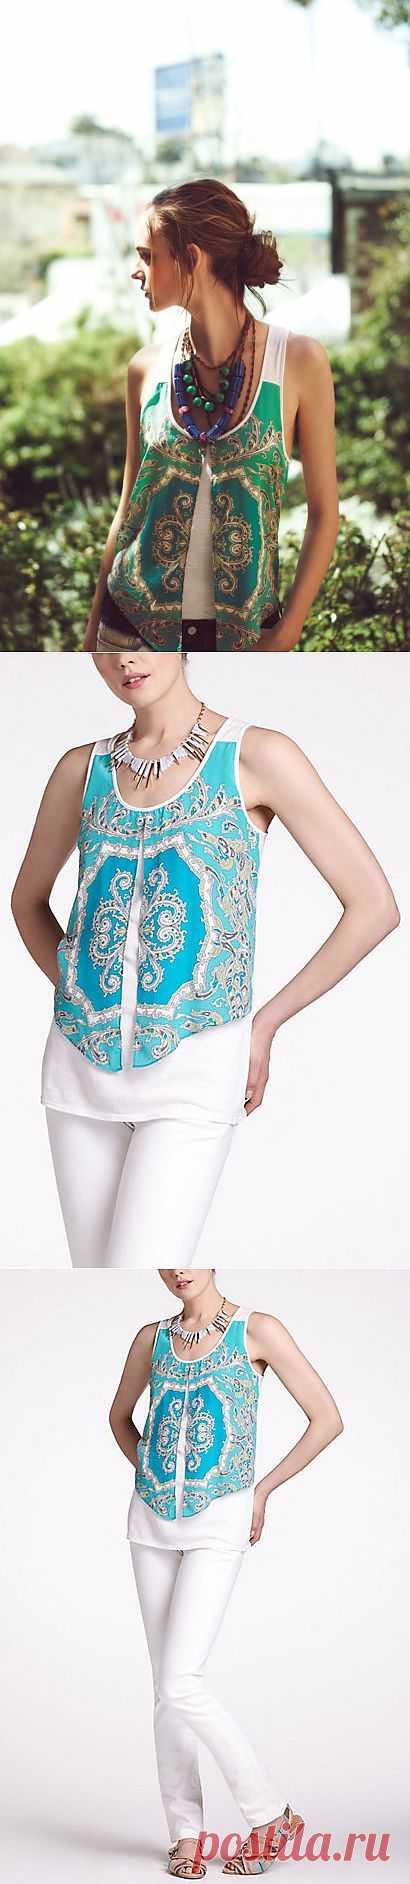 """Майка """" с платком"""" Anthropologie / Платки / Модный сайт о стильной переделке одежды и интерьера"""